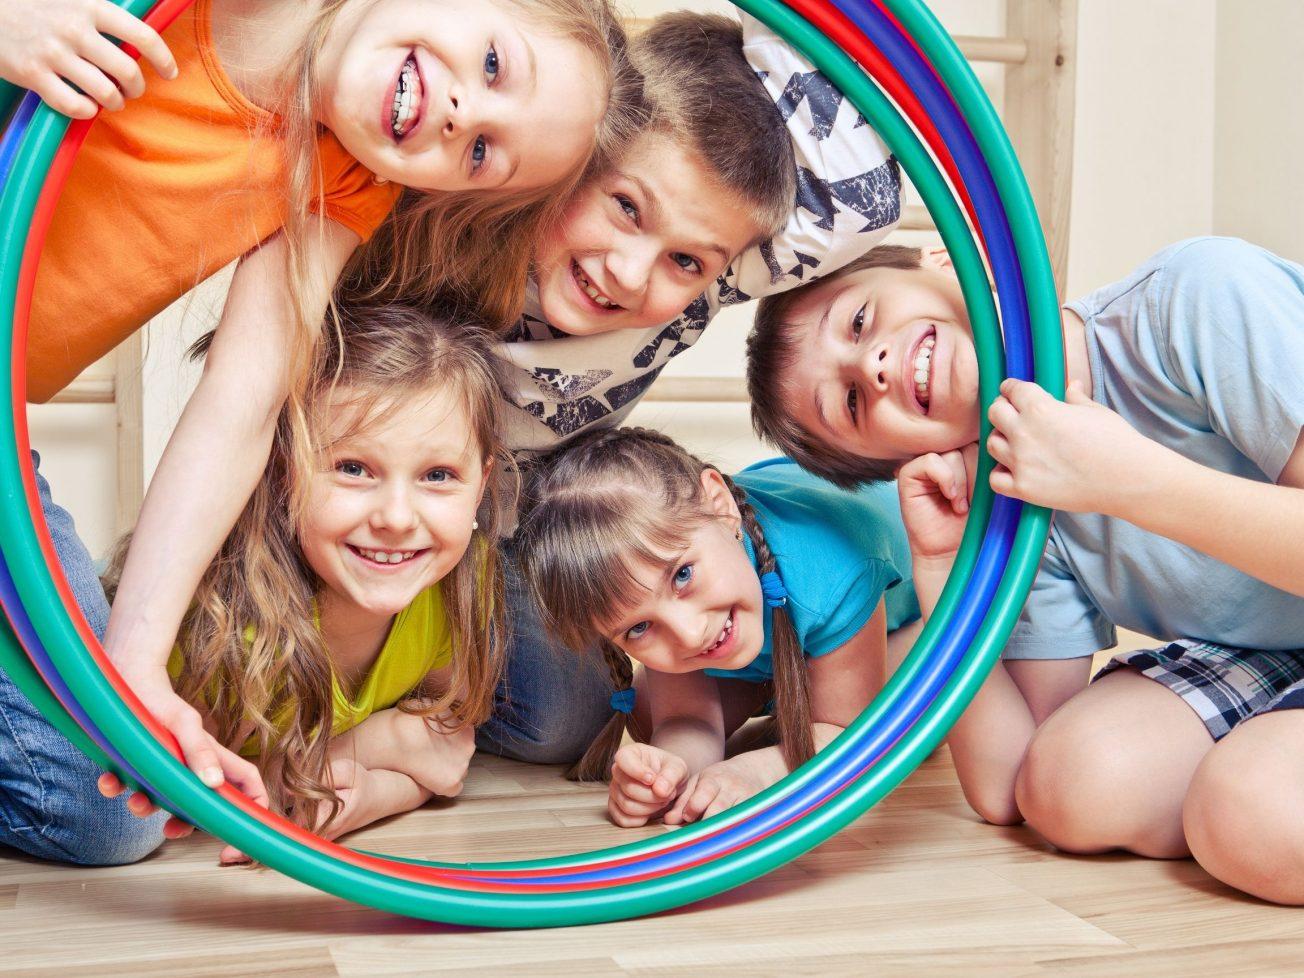 Supli vinkkaa: Miten helpottaa lapsen oman paikan löytämistä uusperheessä?